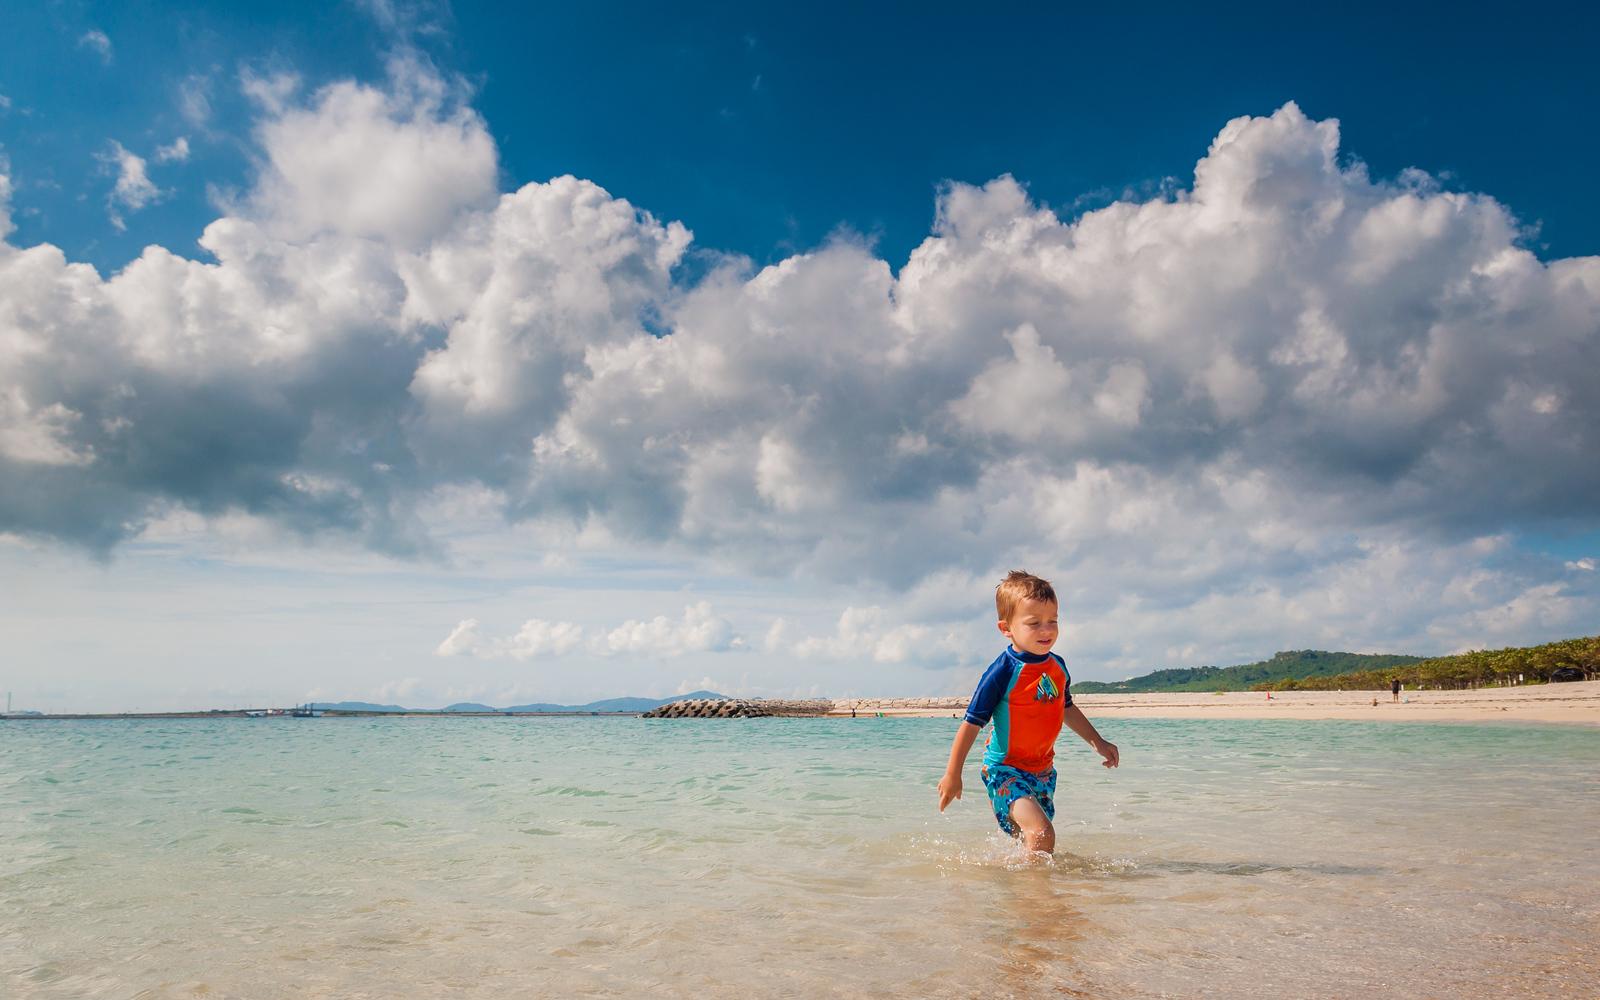 McKay at Hamashiga Island